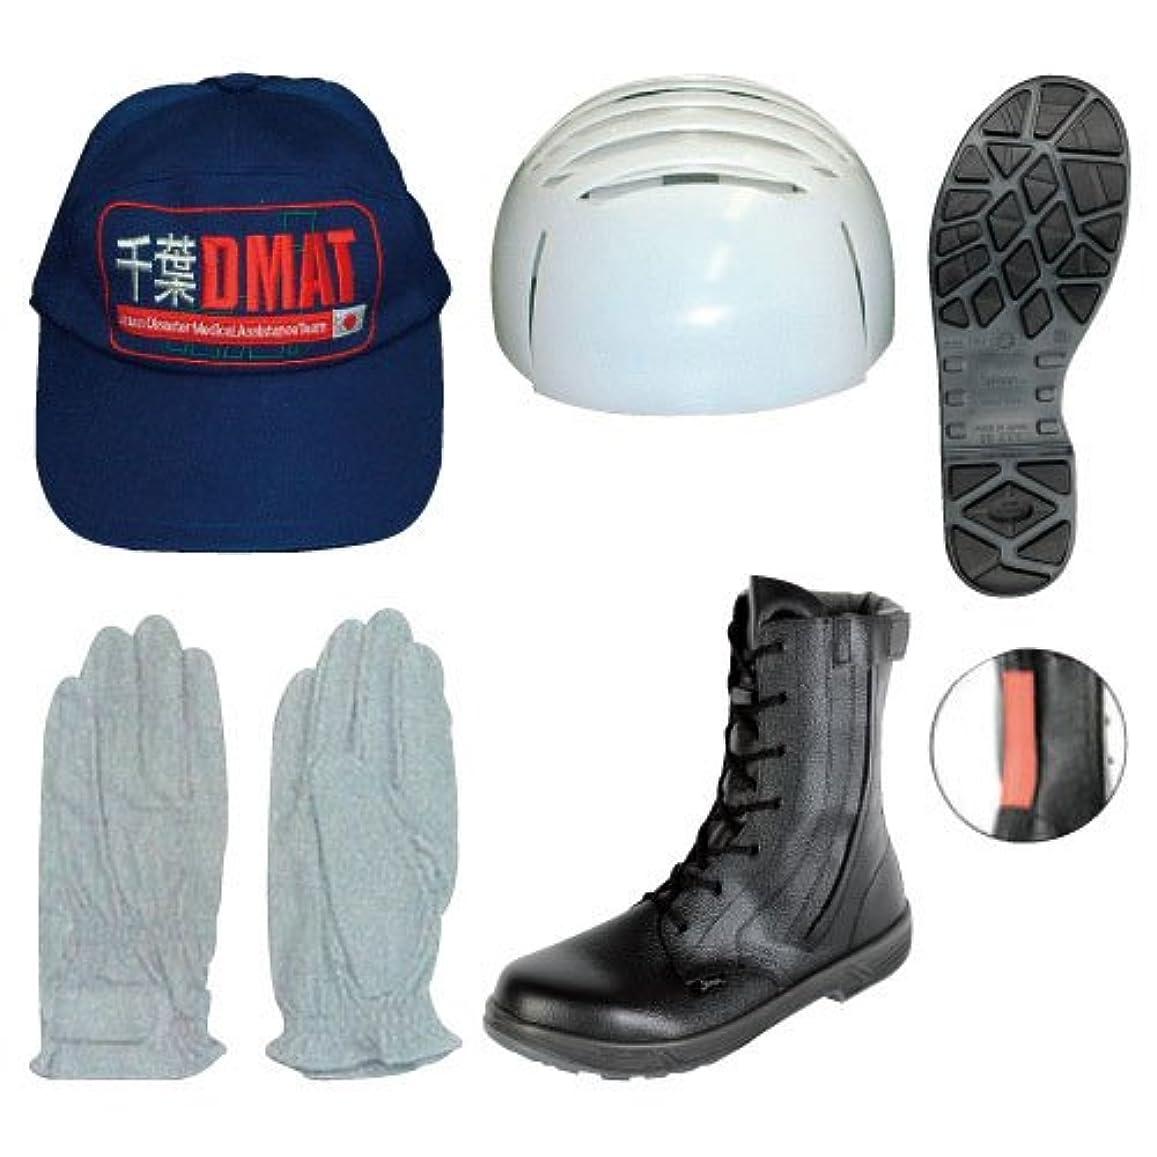 アクセント強います騒DMAT用手袋 DMAT???????(23-2391-00)??L L